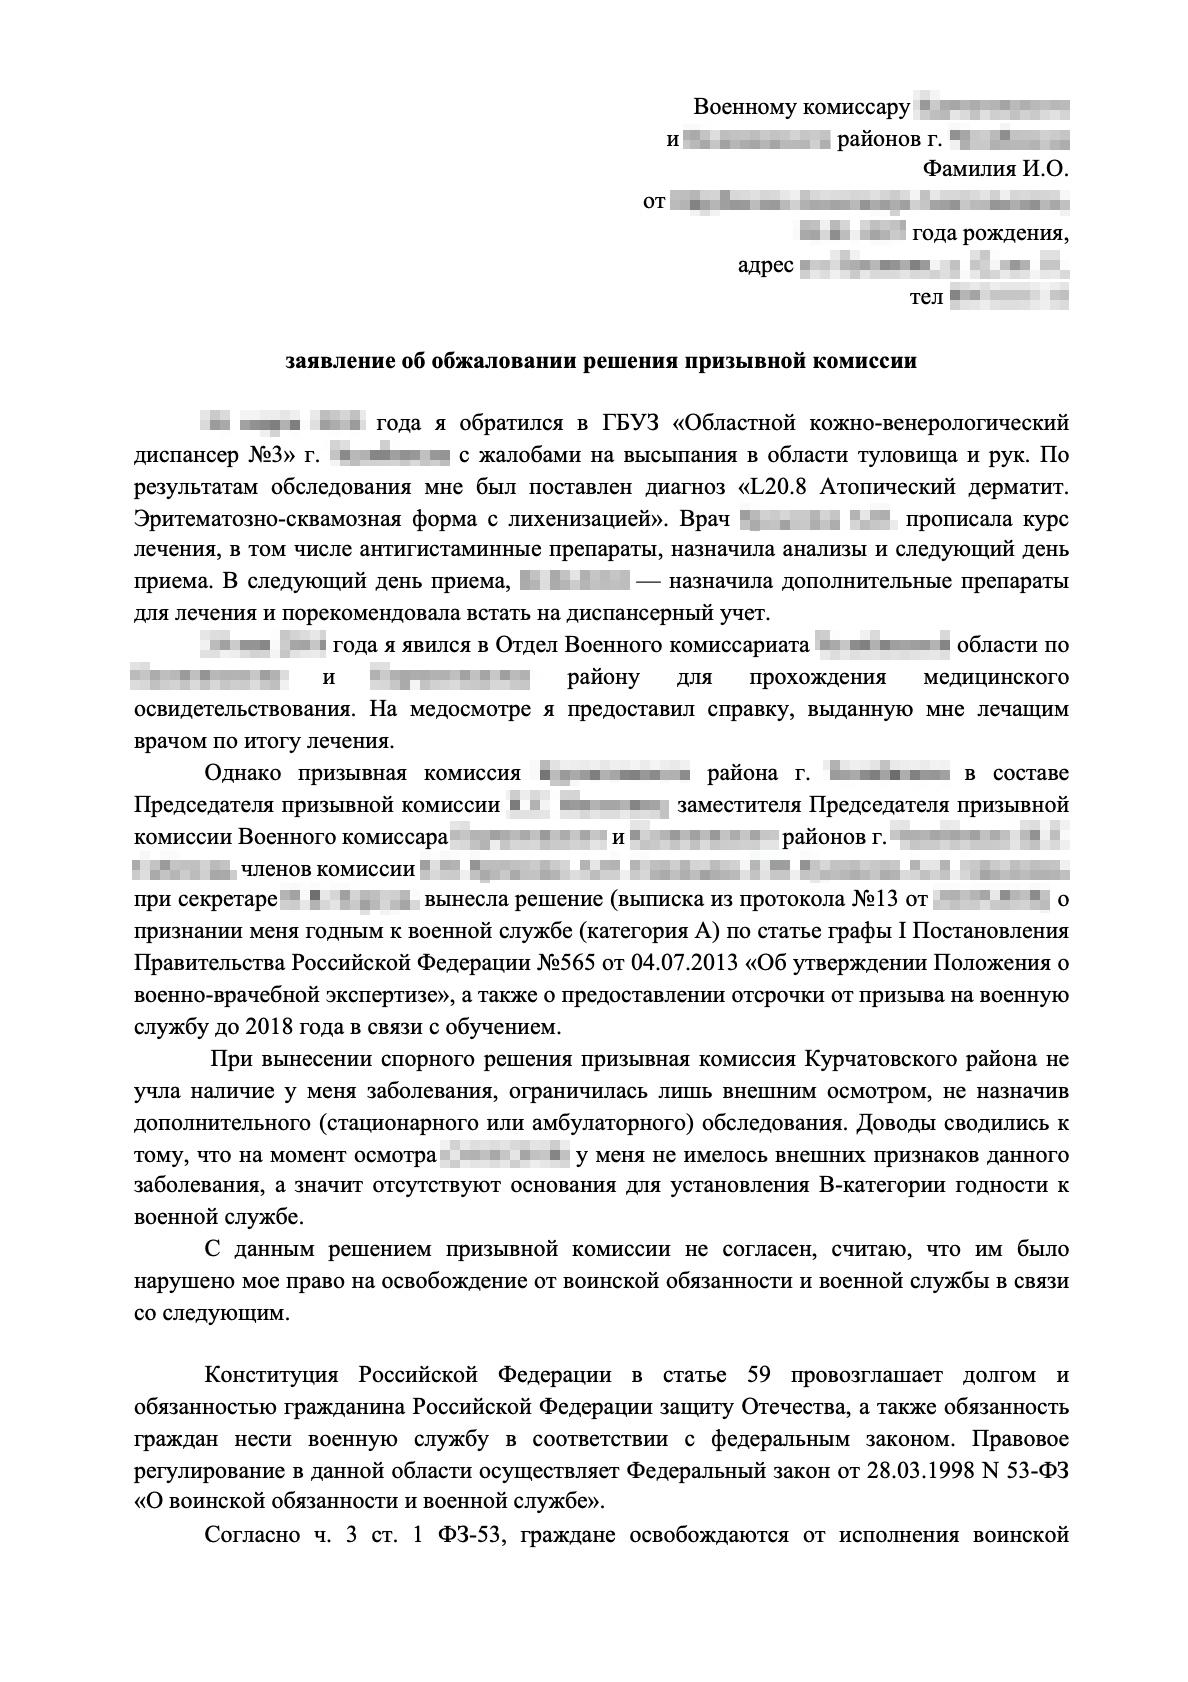 Мой пример жалобы военному комиссару. Шаблон можно скачать в «Гугл-документах»